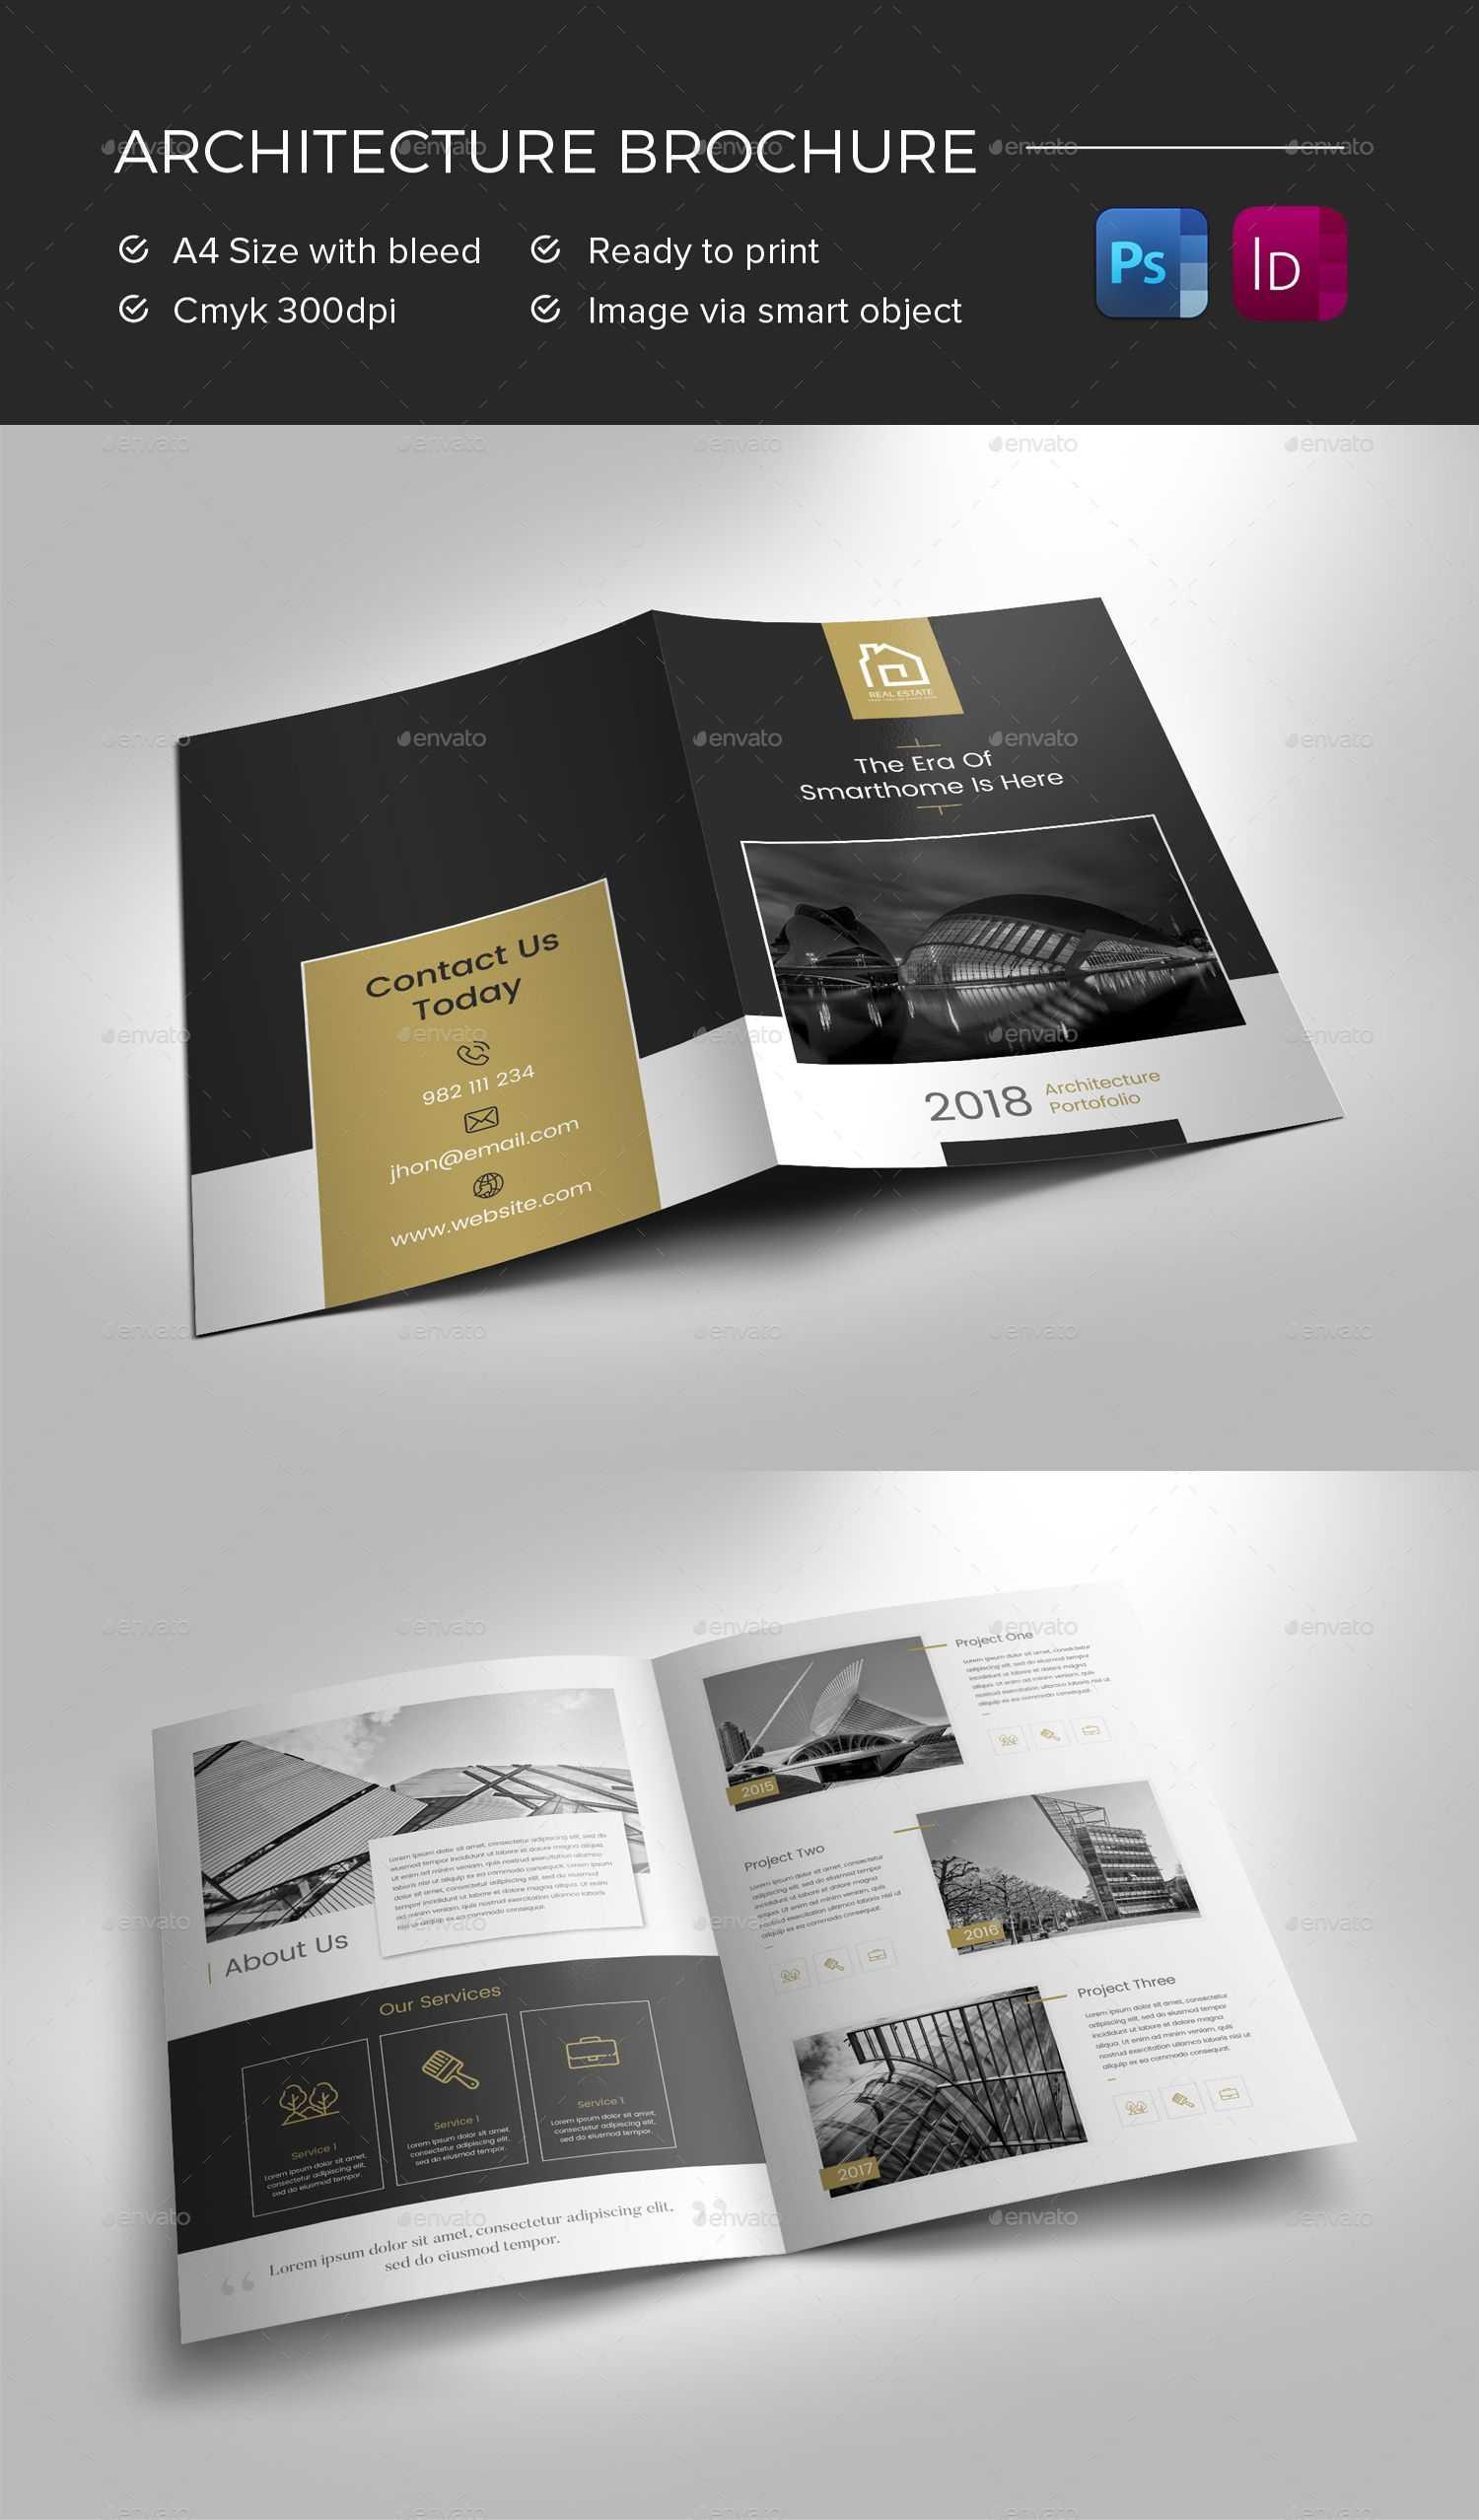 Architecture Brochure Preview - Graphicriver | Brochure Inside Architecture Brochure Templates Free Download